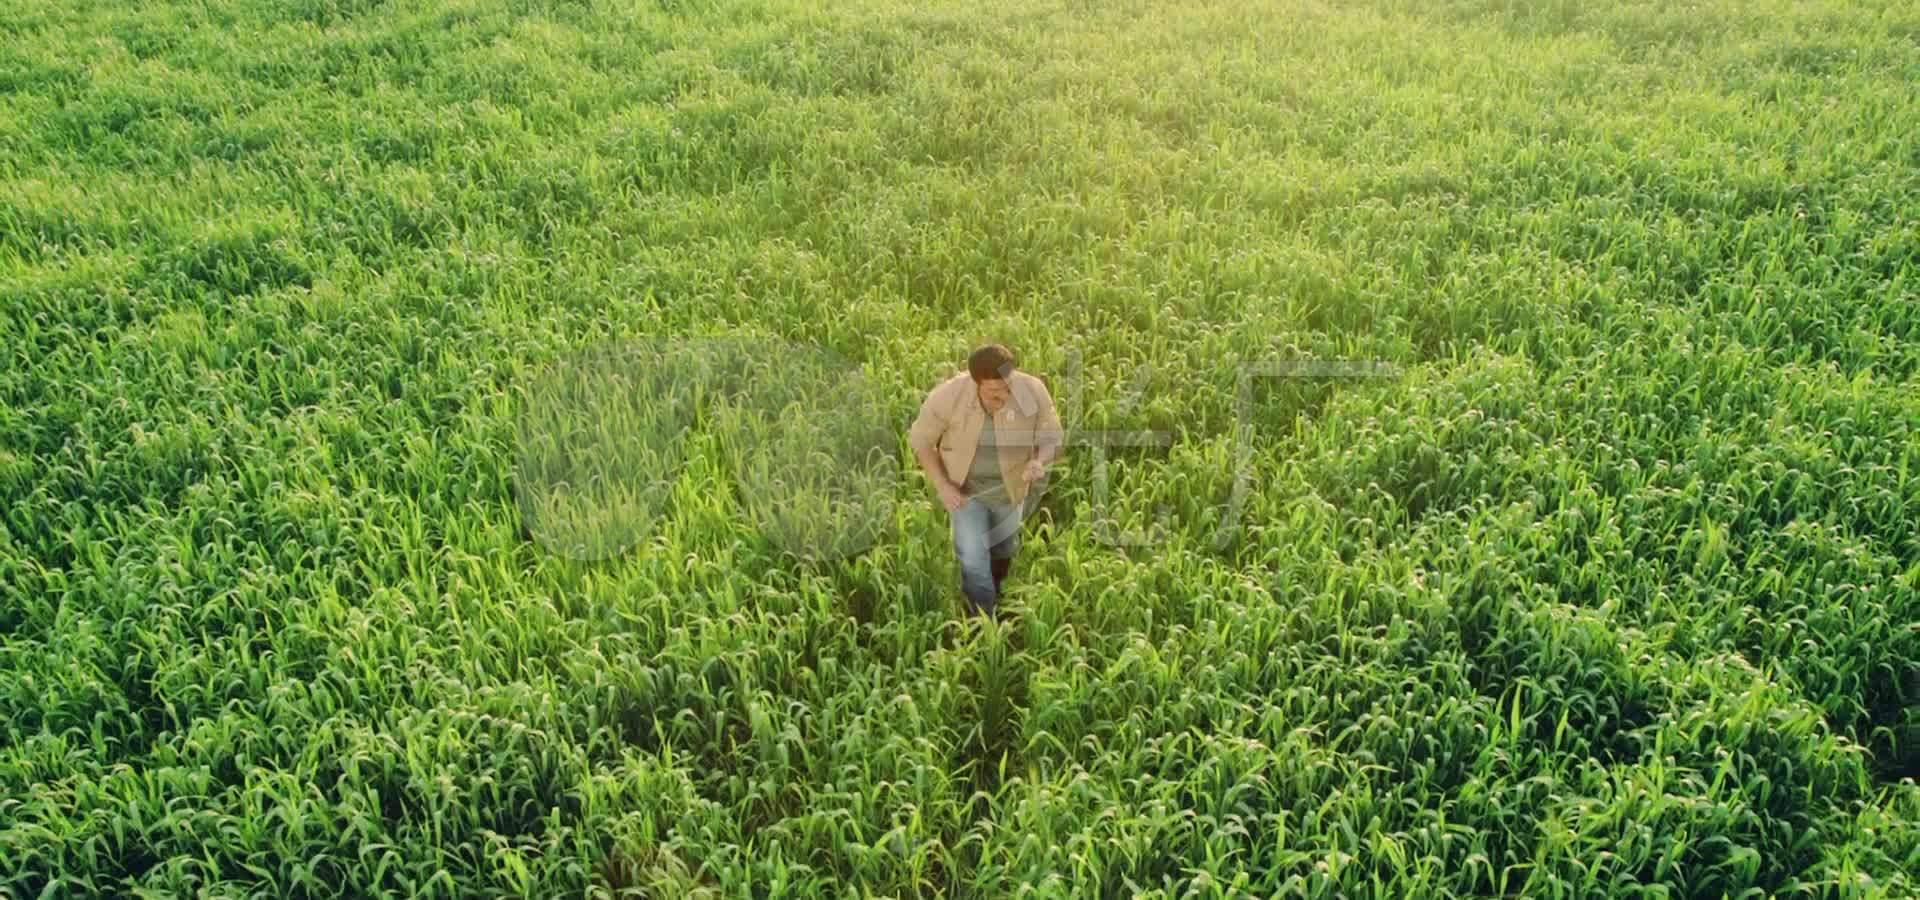 玉米地素材高中_1920X900_高清视频素材下载视频网校视频图片